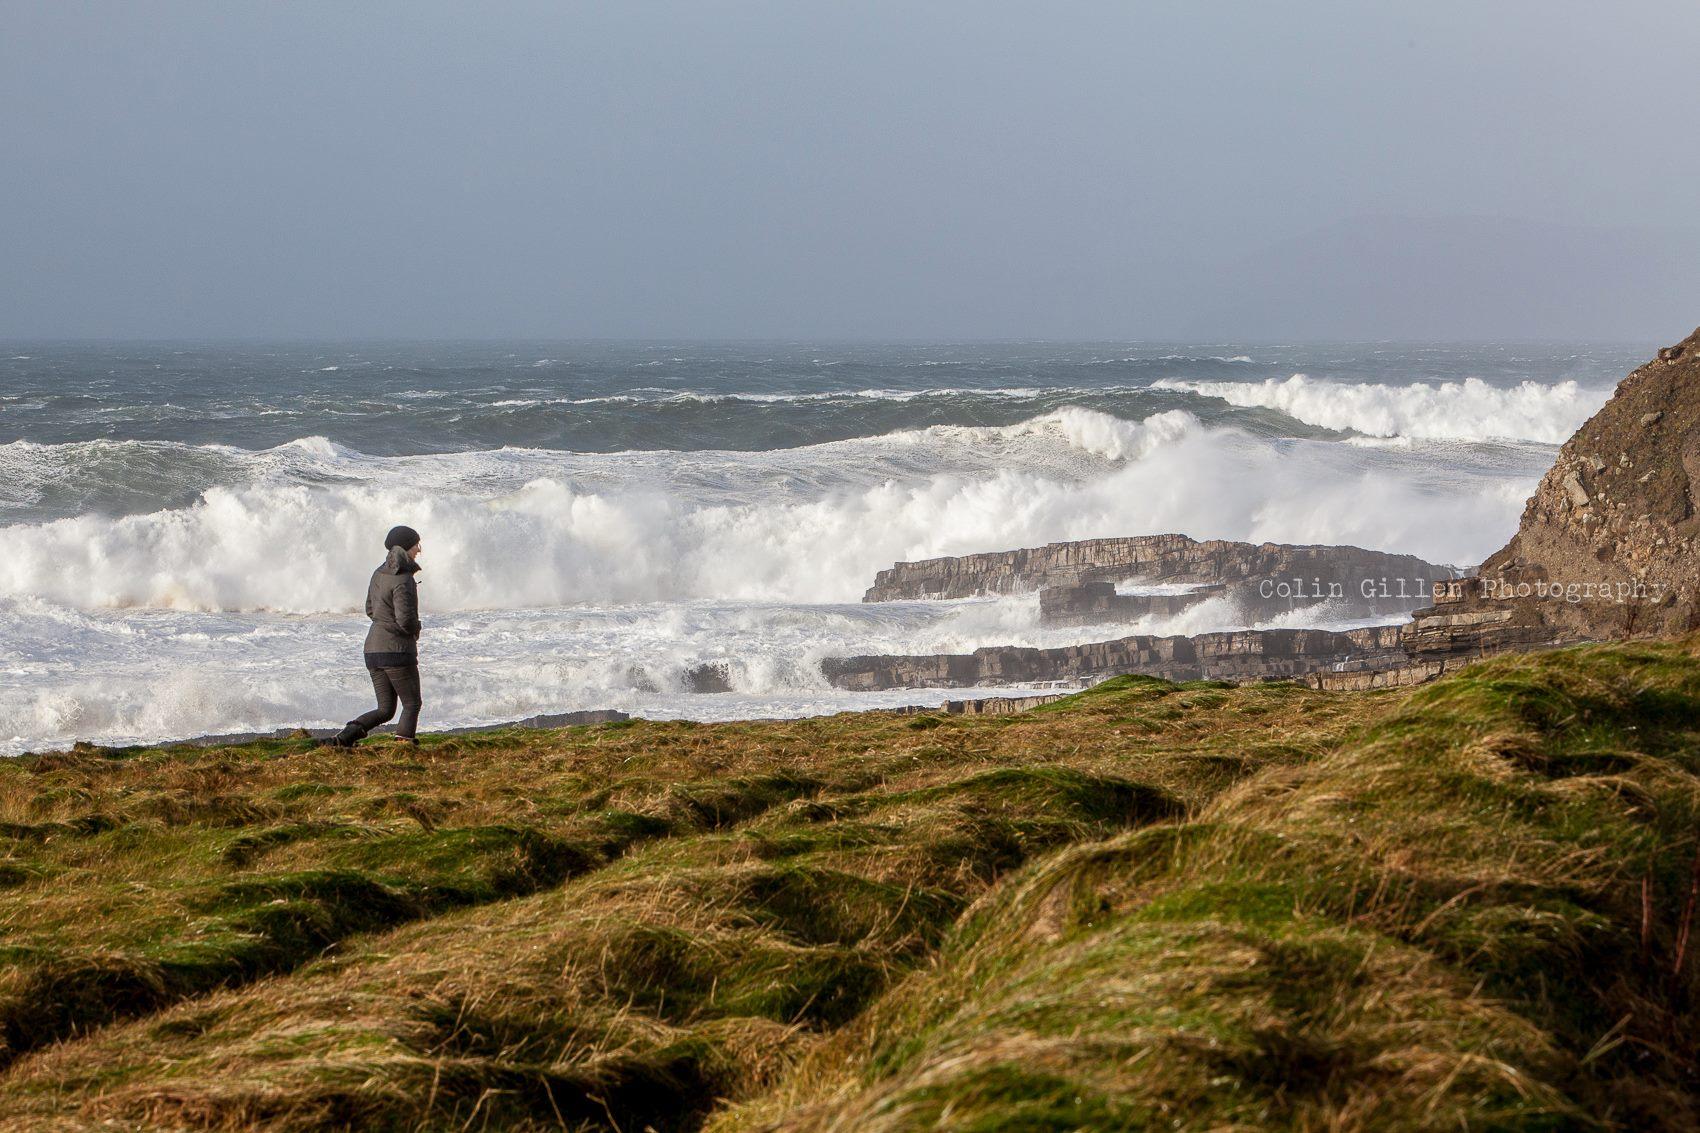 Sligo Area Photo: Colin Gillen-Framelight